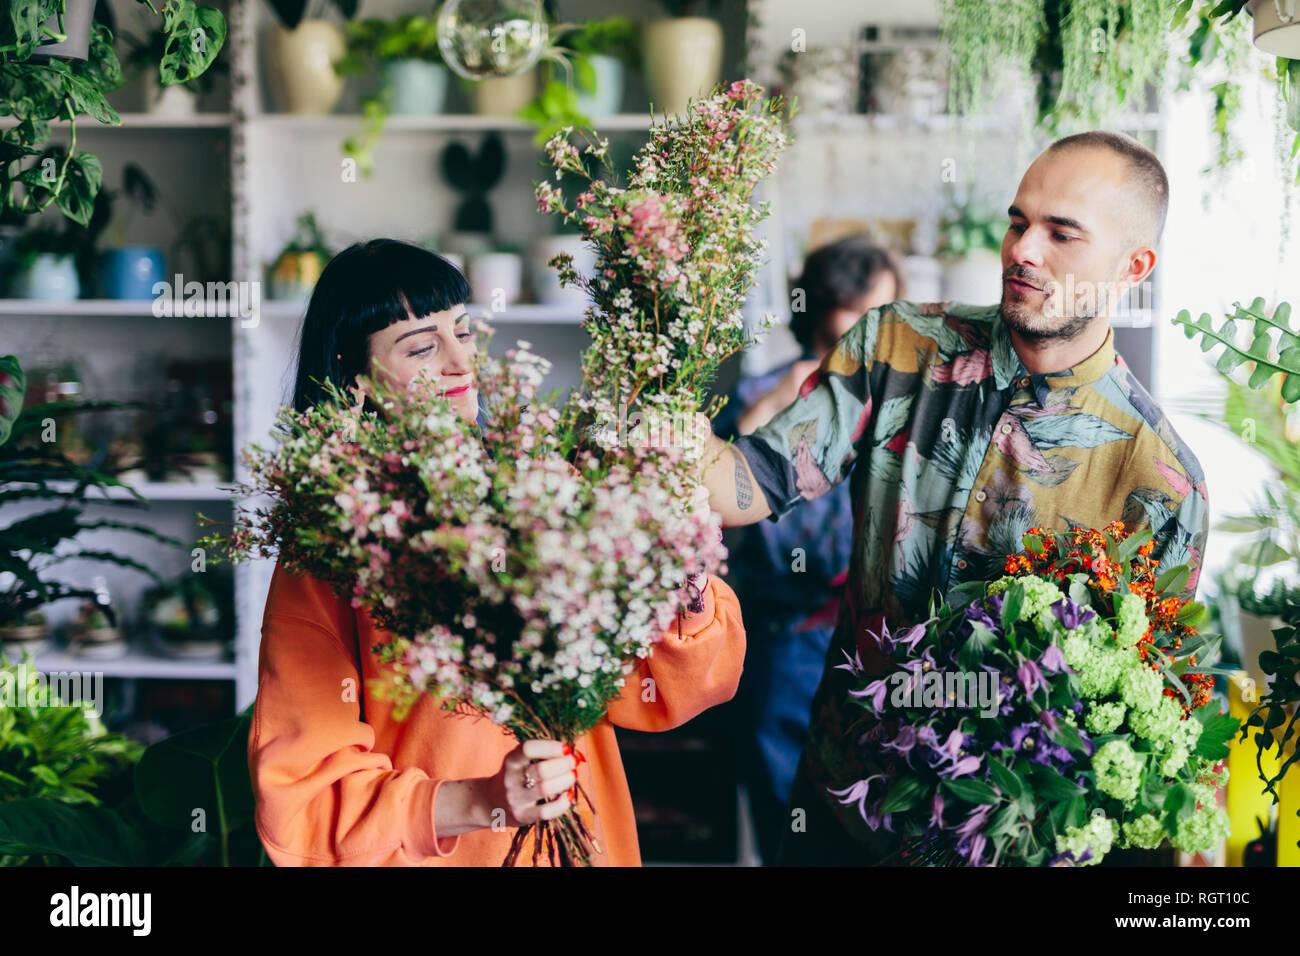 Mann und Frau im Blumenladen arbeiten. Kreative Besetzung, die Inhaber kleiner Unternehmen. Shopping und Handel. Stockbild